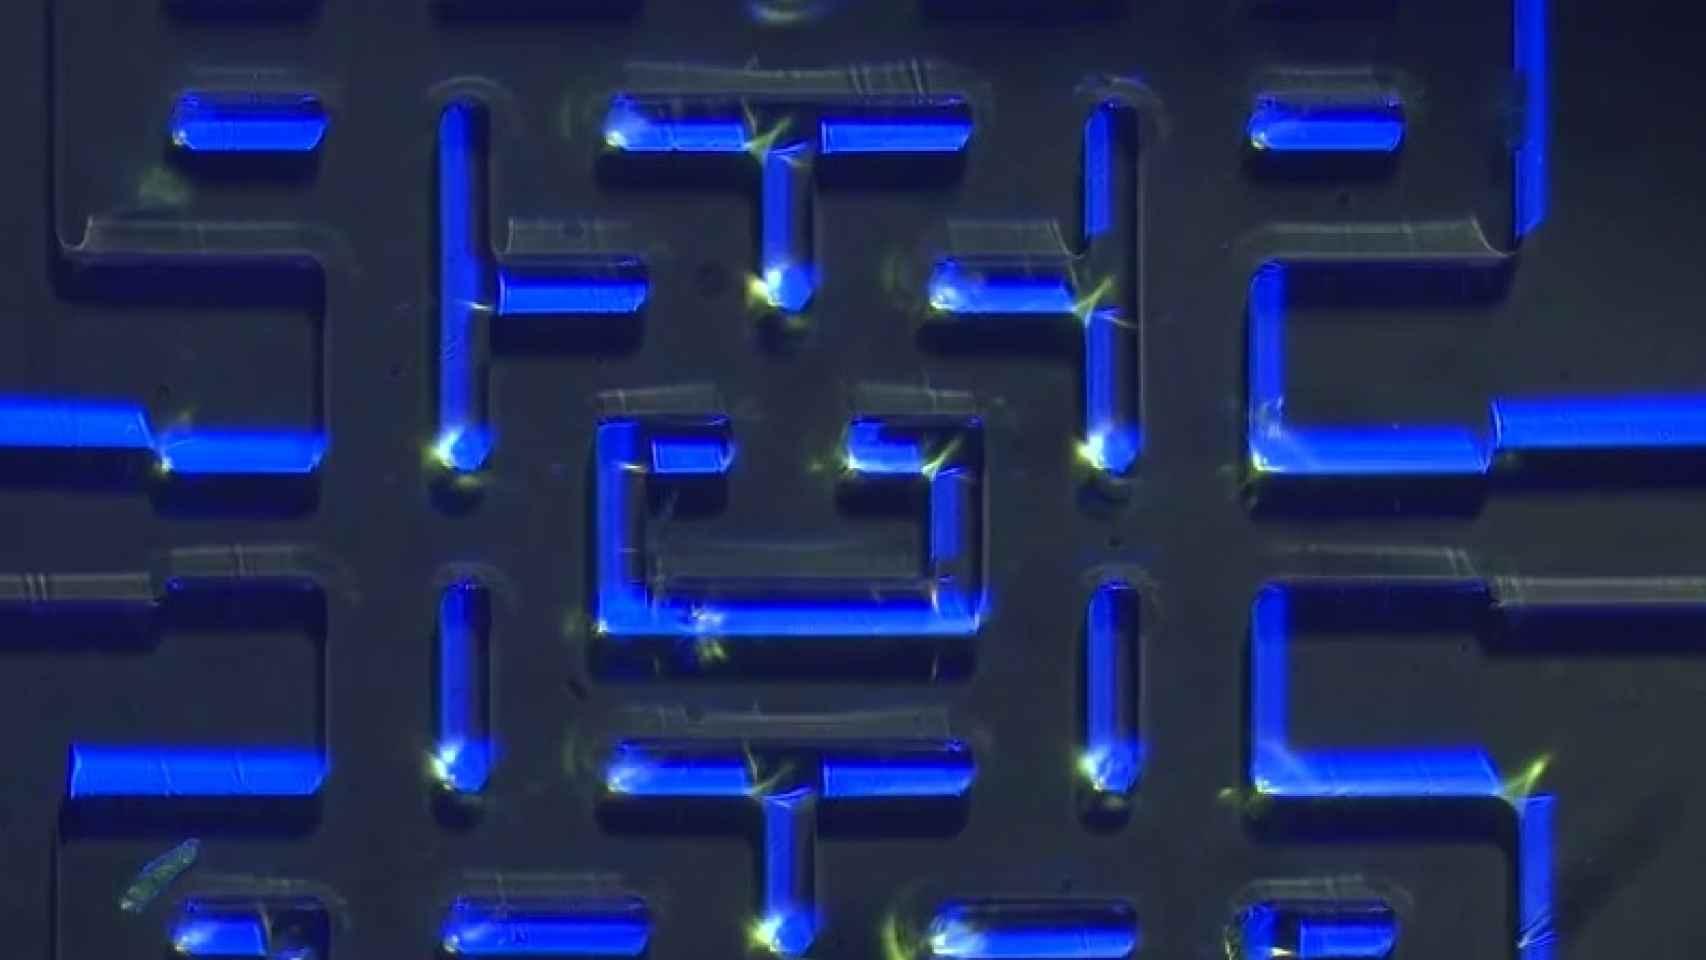 Imagen del minilaberinto usado en el experimento.